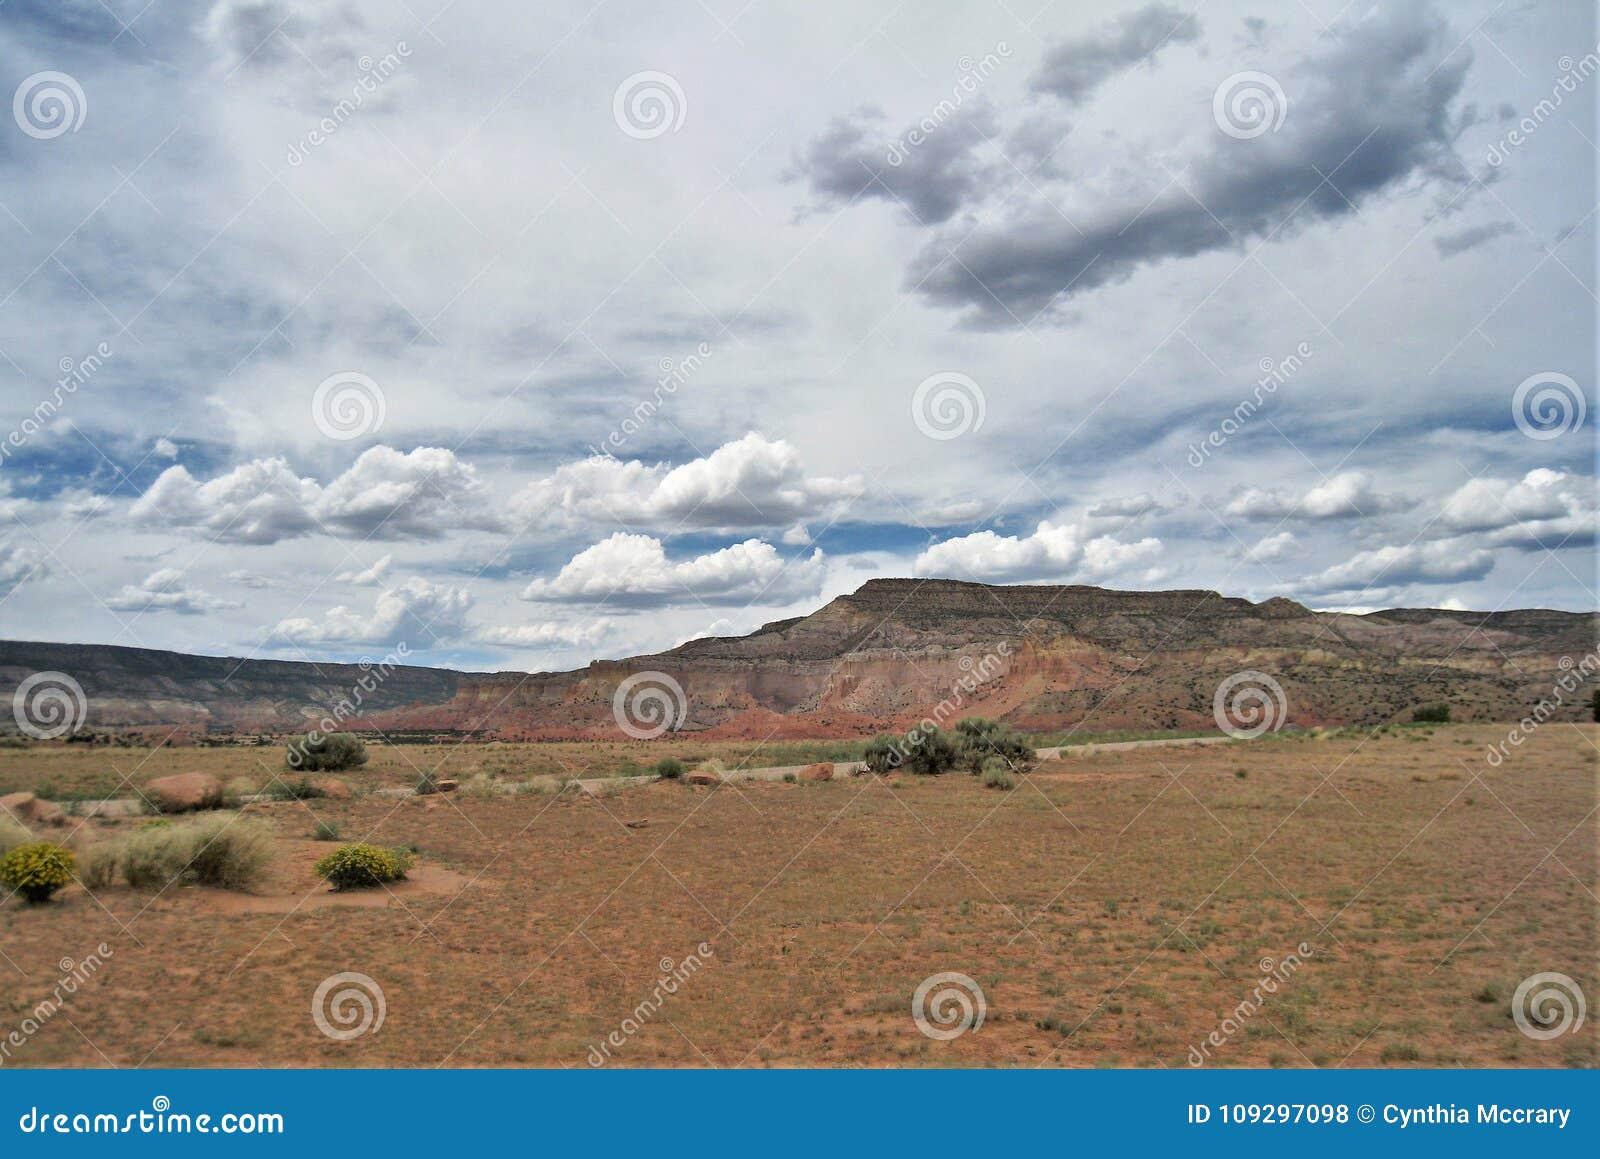 Geschwollene Wolken über Geist-Ranch